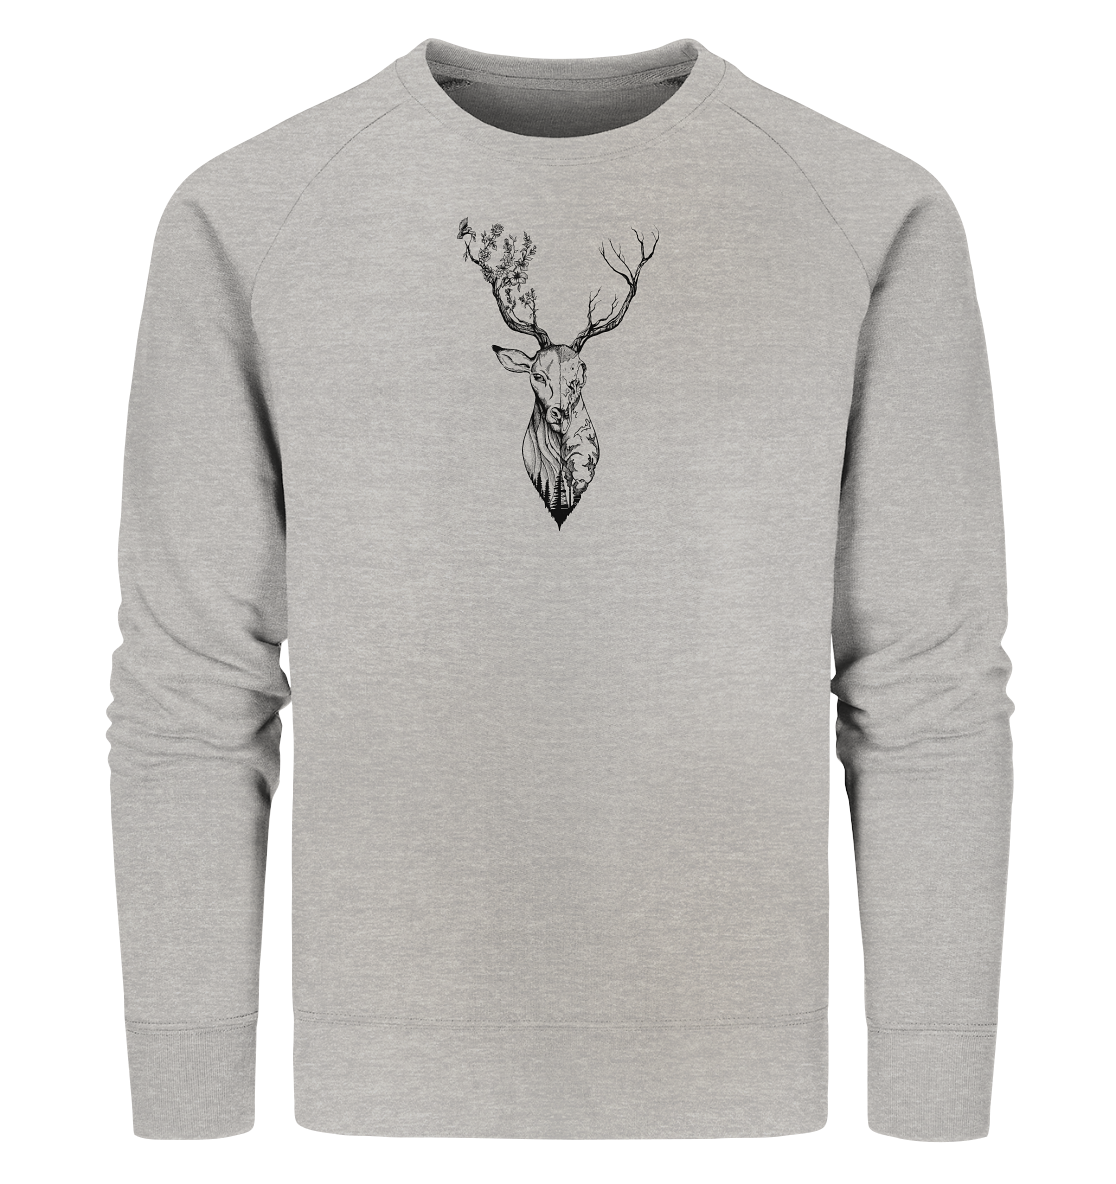 front-organic-sweatshirt-c2c1c0-1116x-8.png